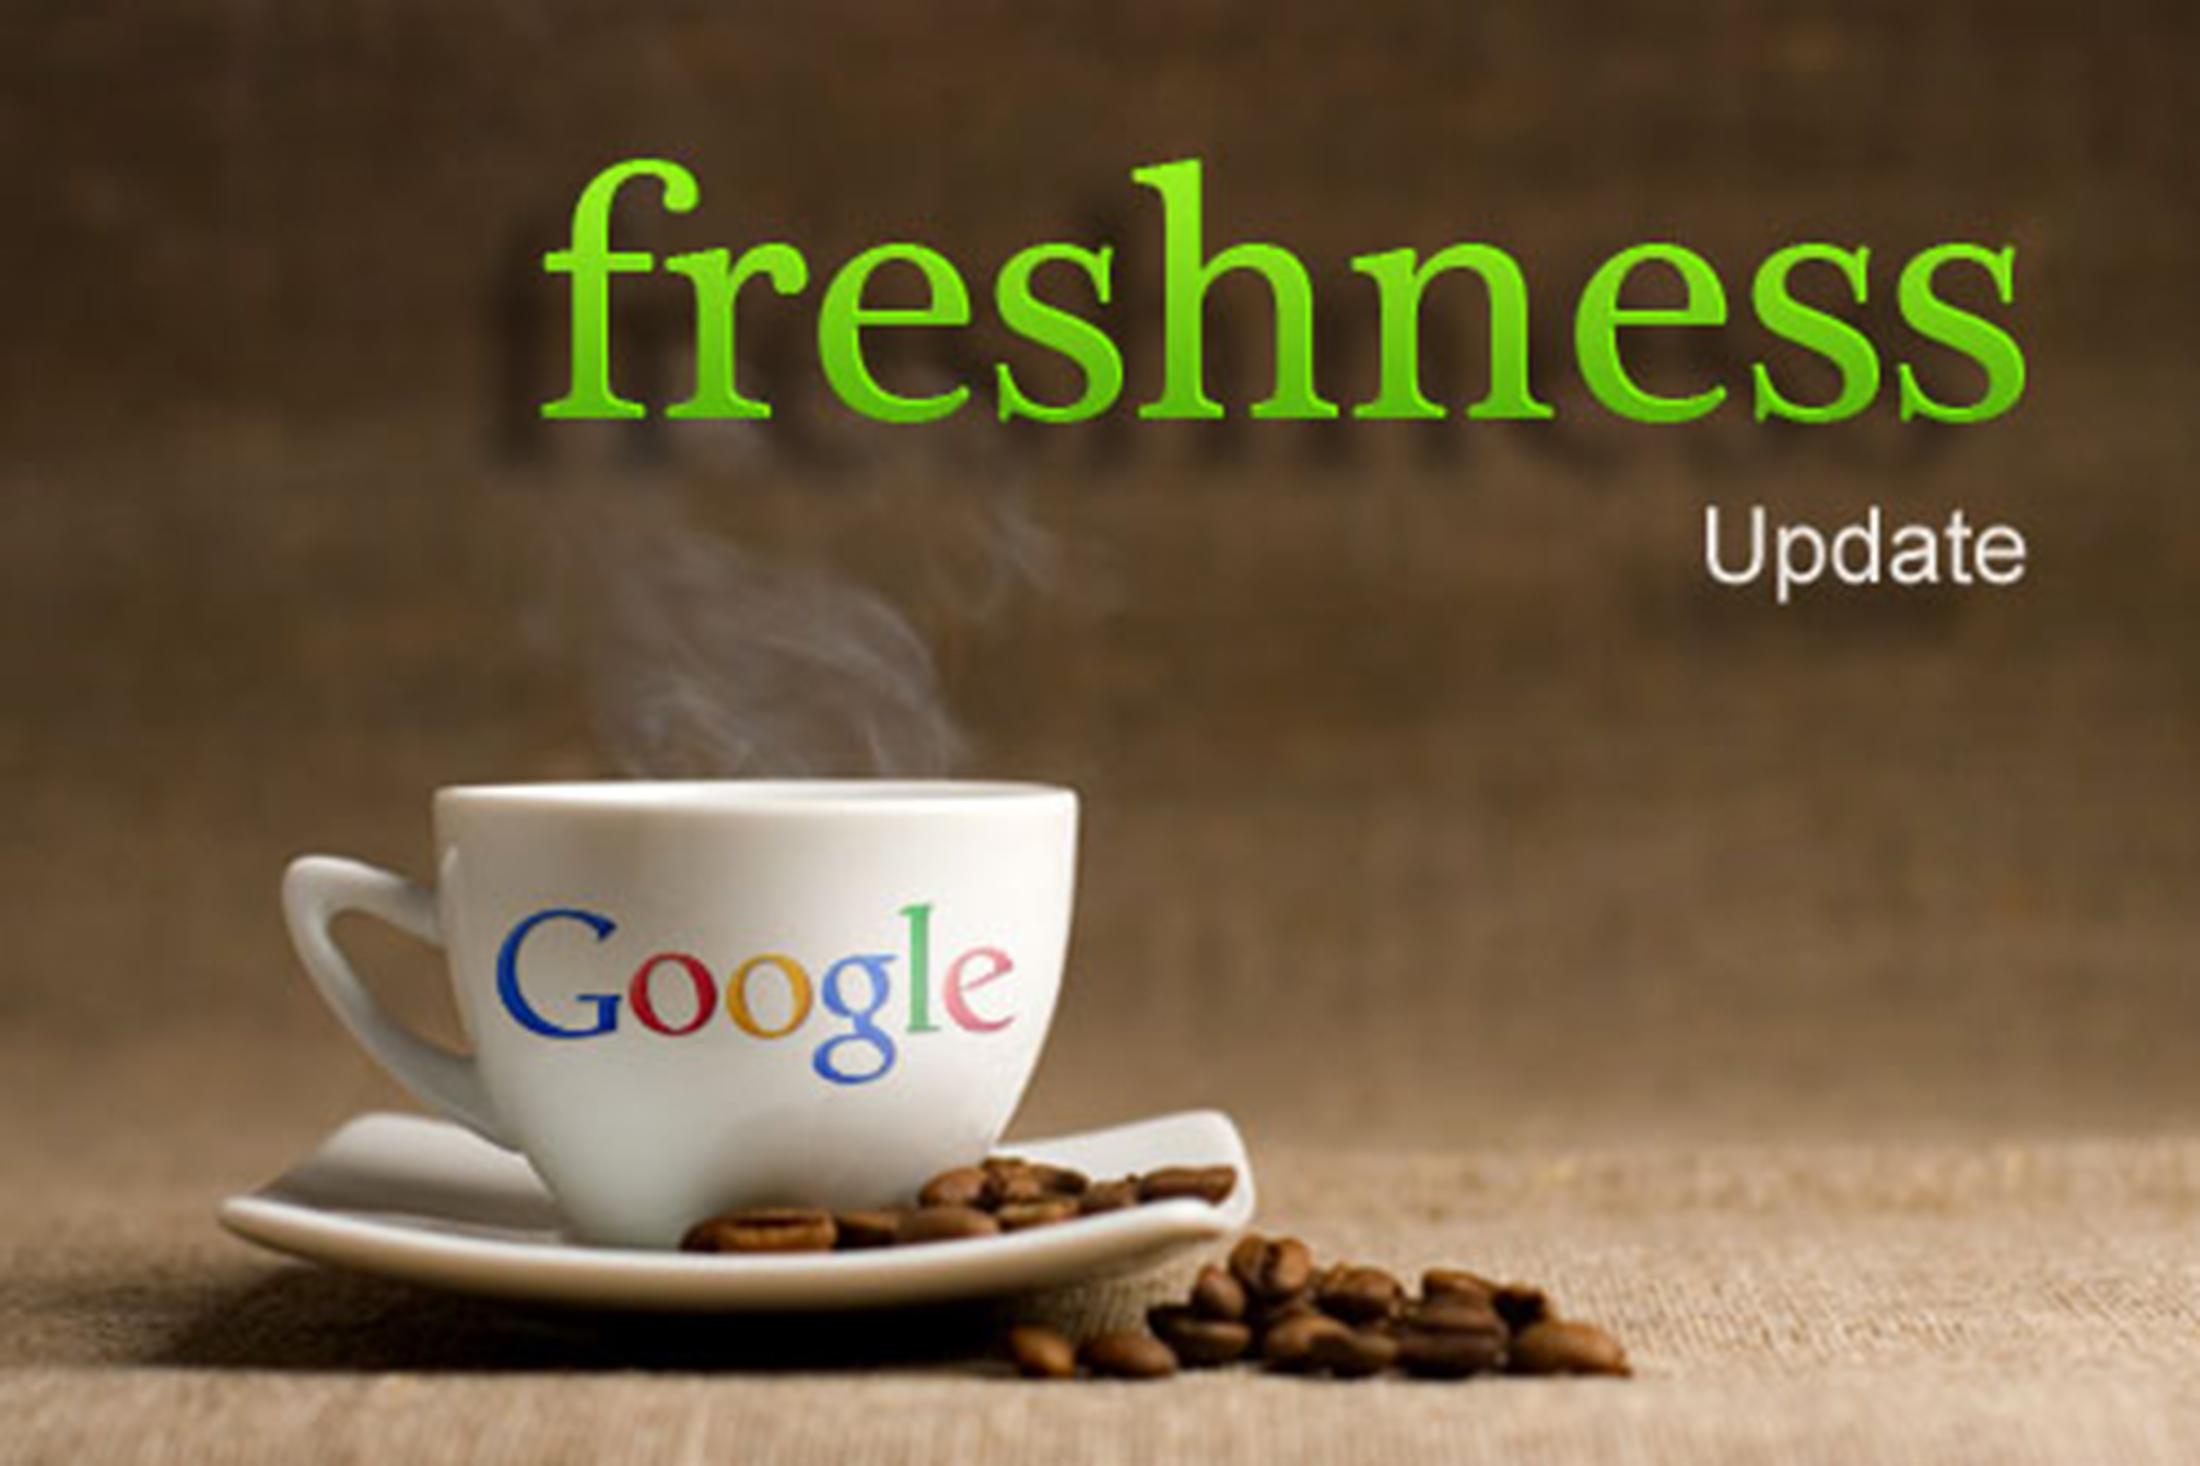 الگوریتم Freshness گوگل